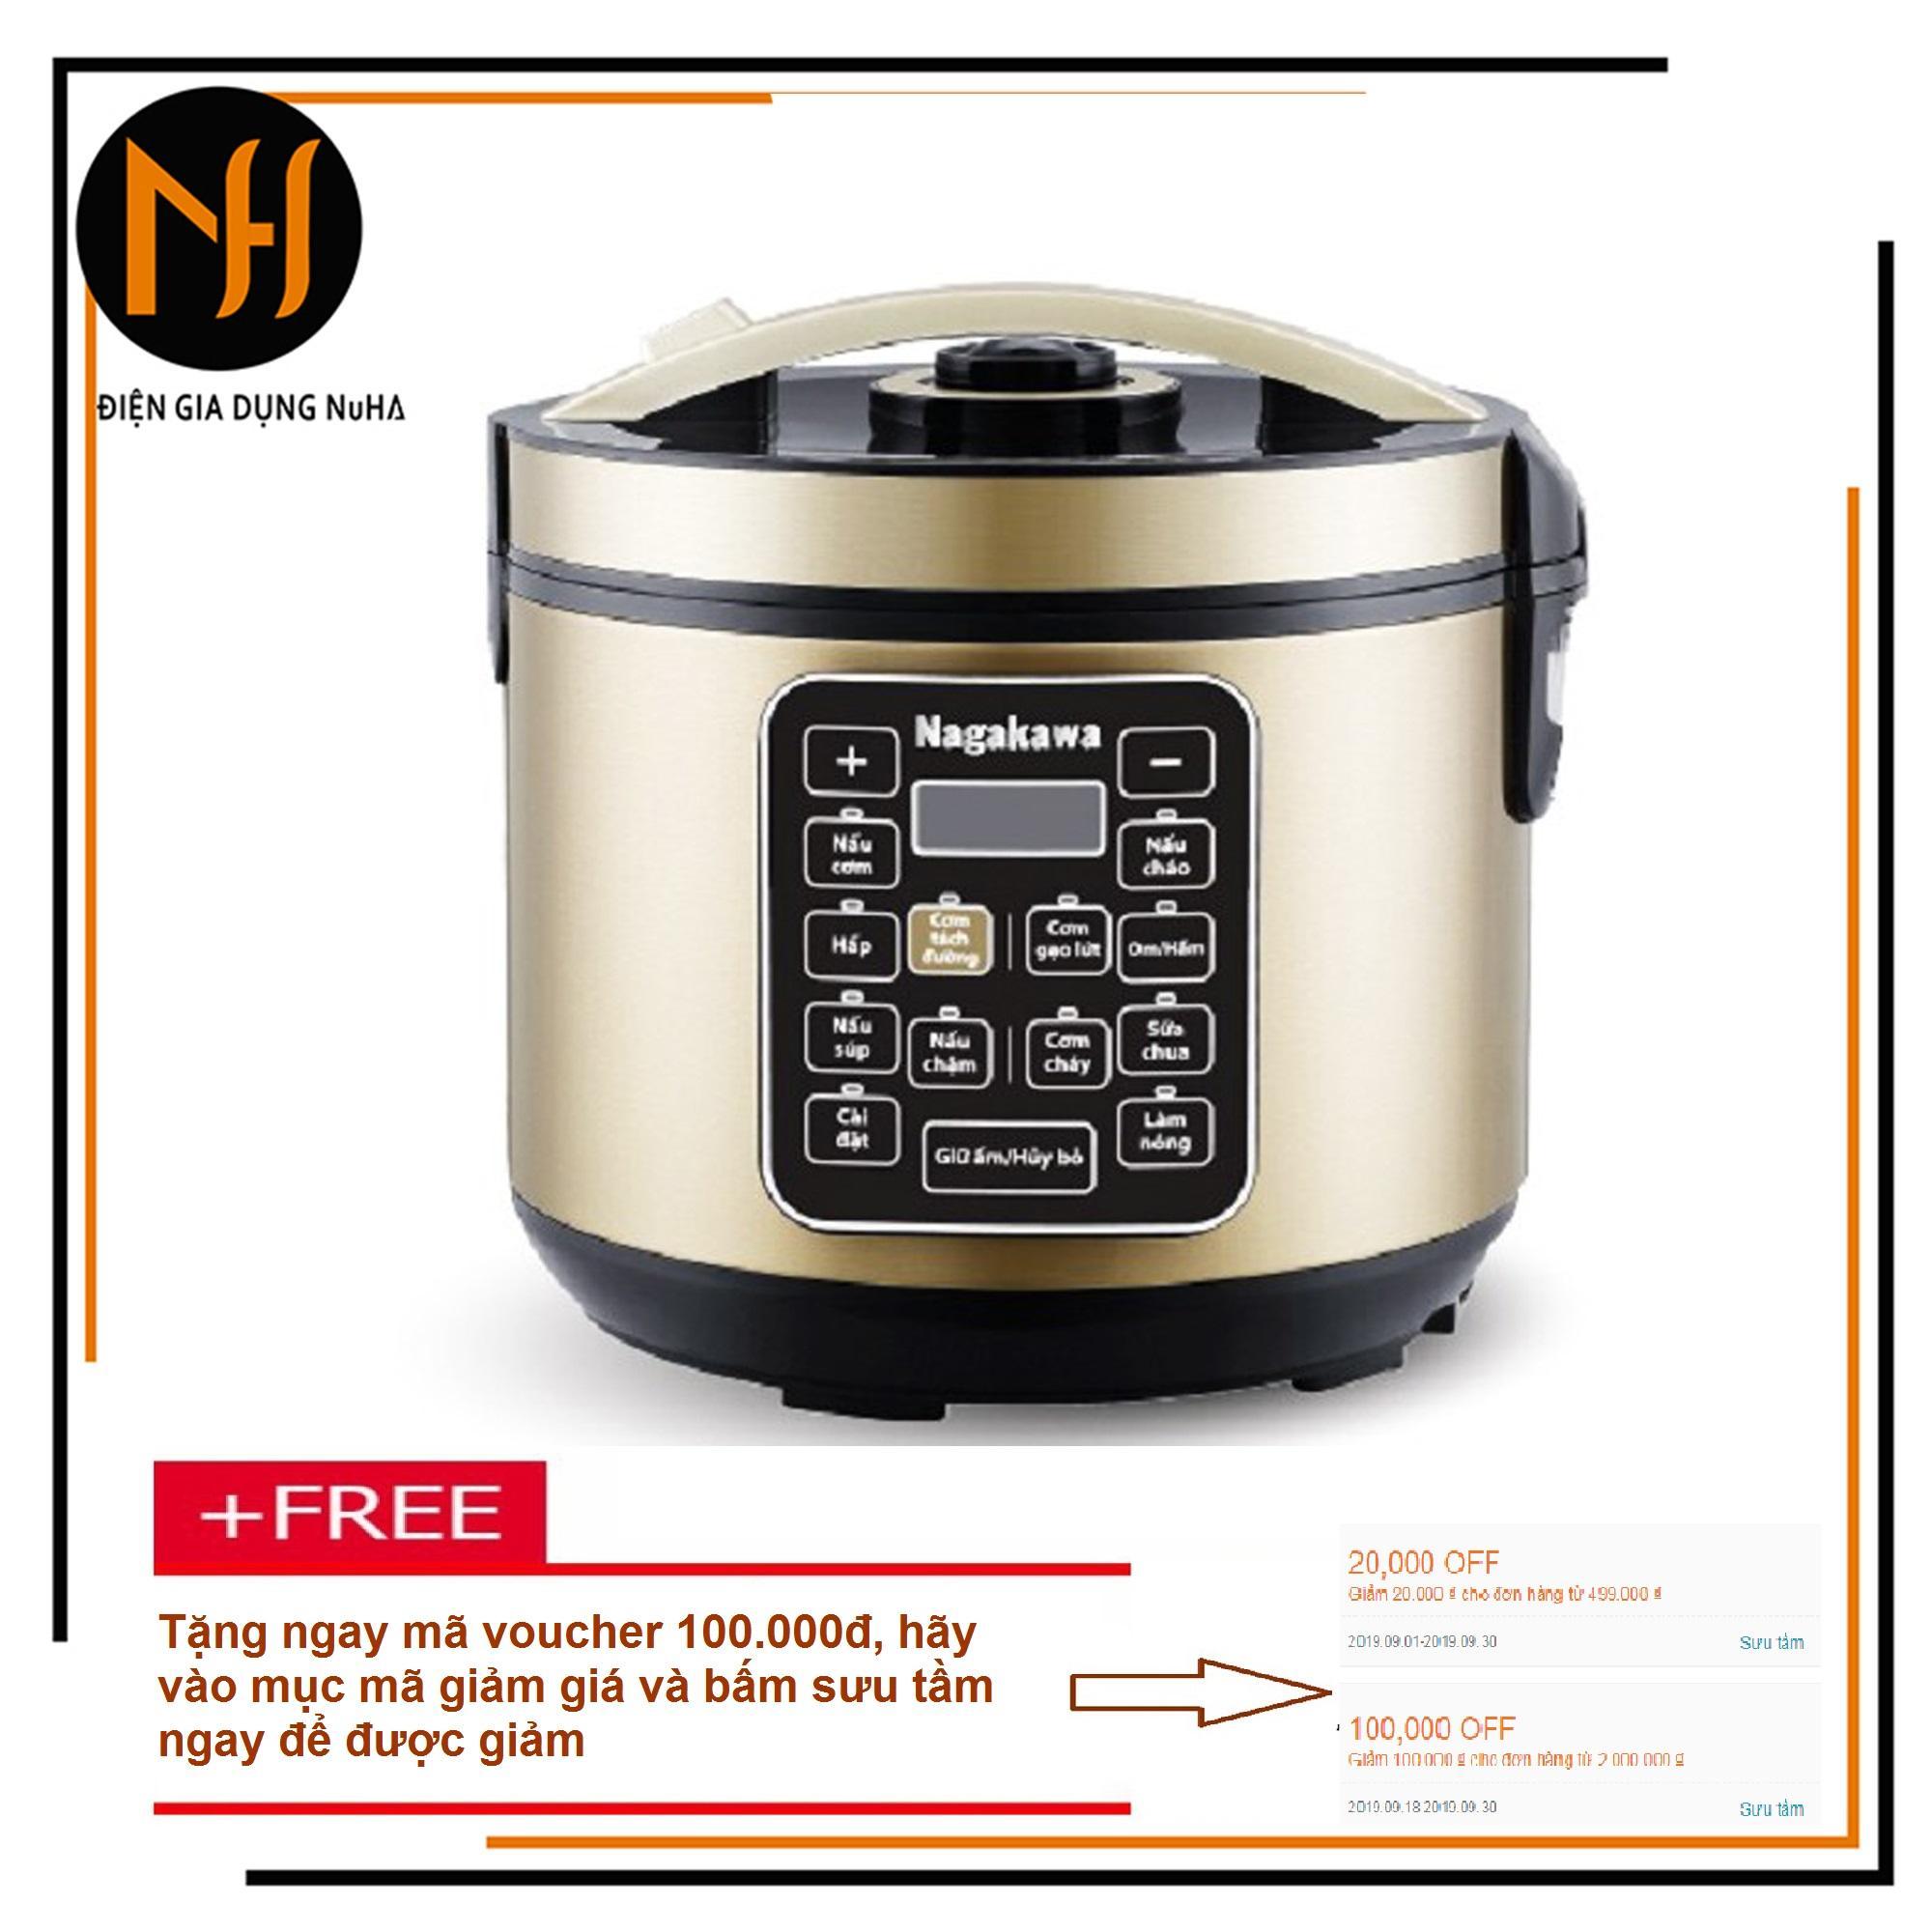 Nồi cơm điện tách đường Nagakawa NA-0120 dung tích 1.8L tốt cho sức khỏe, ngừa bệnh trị bệnh chống béo